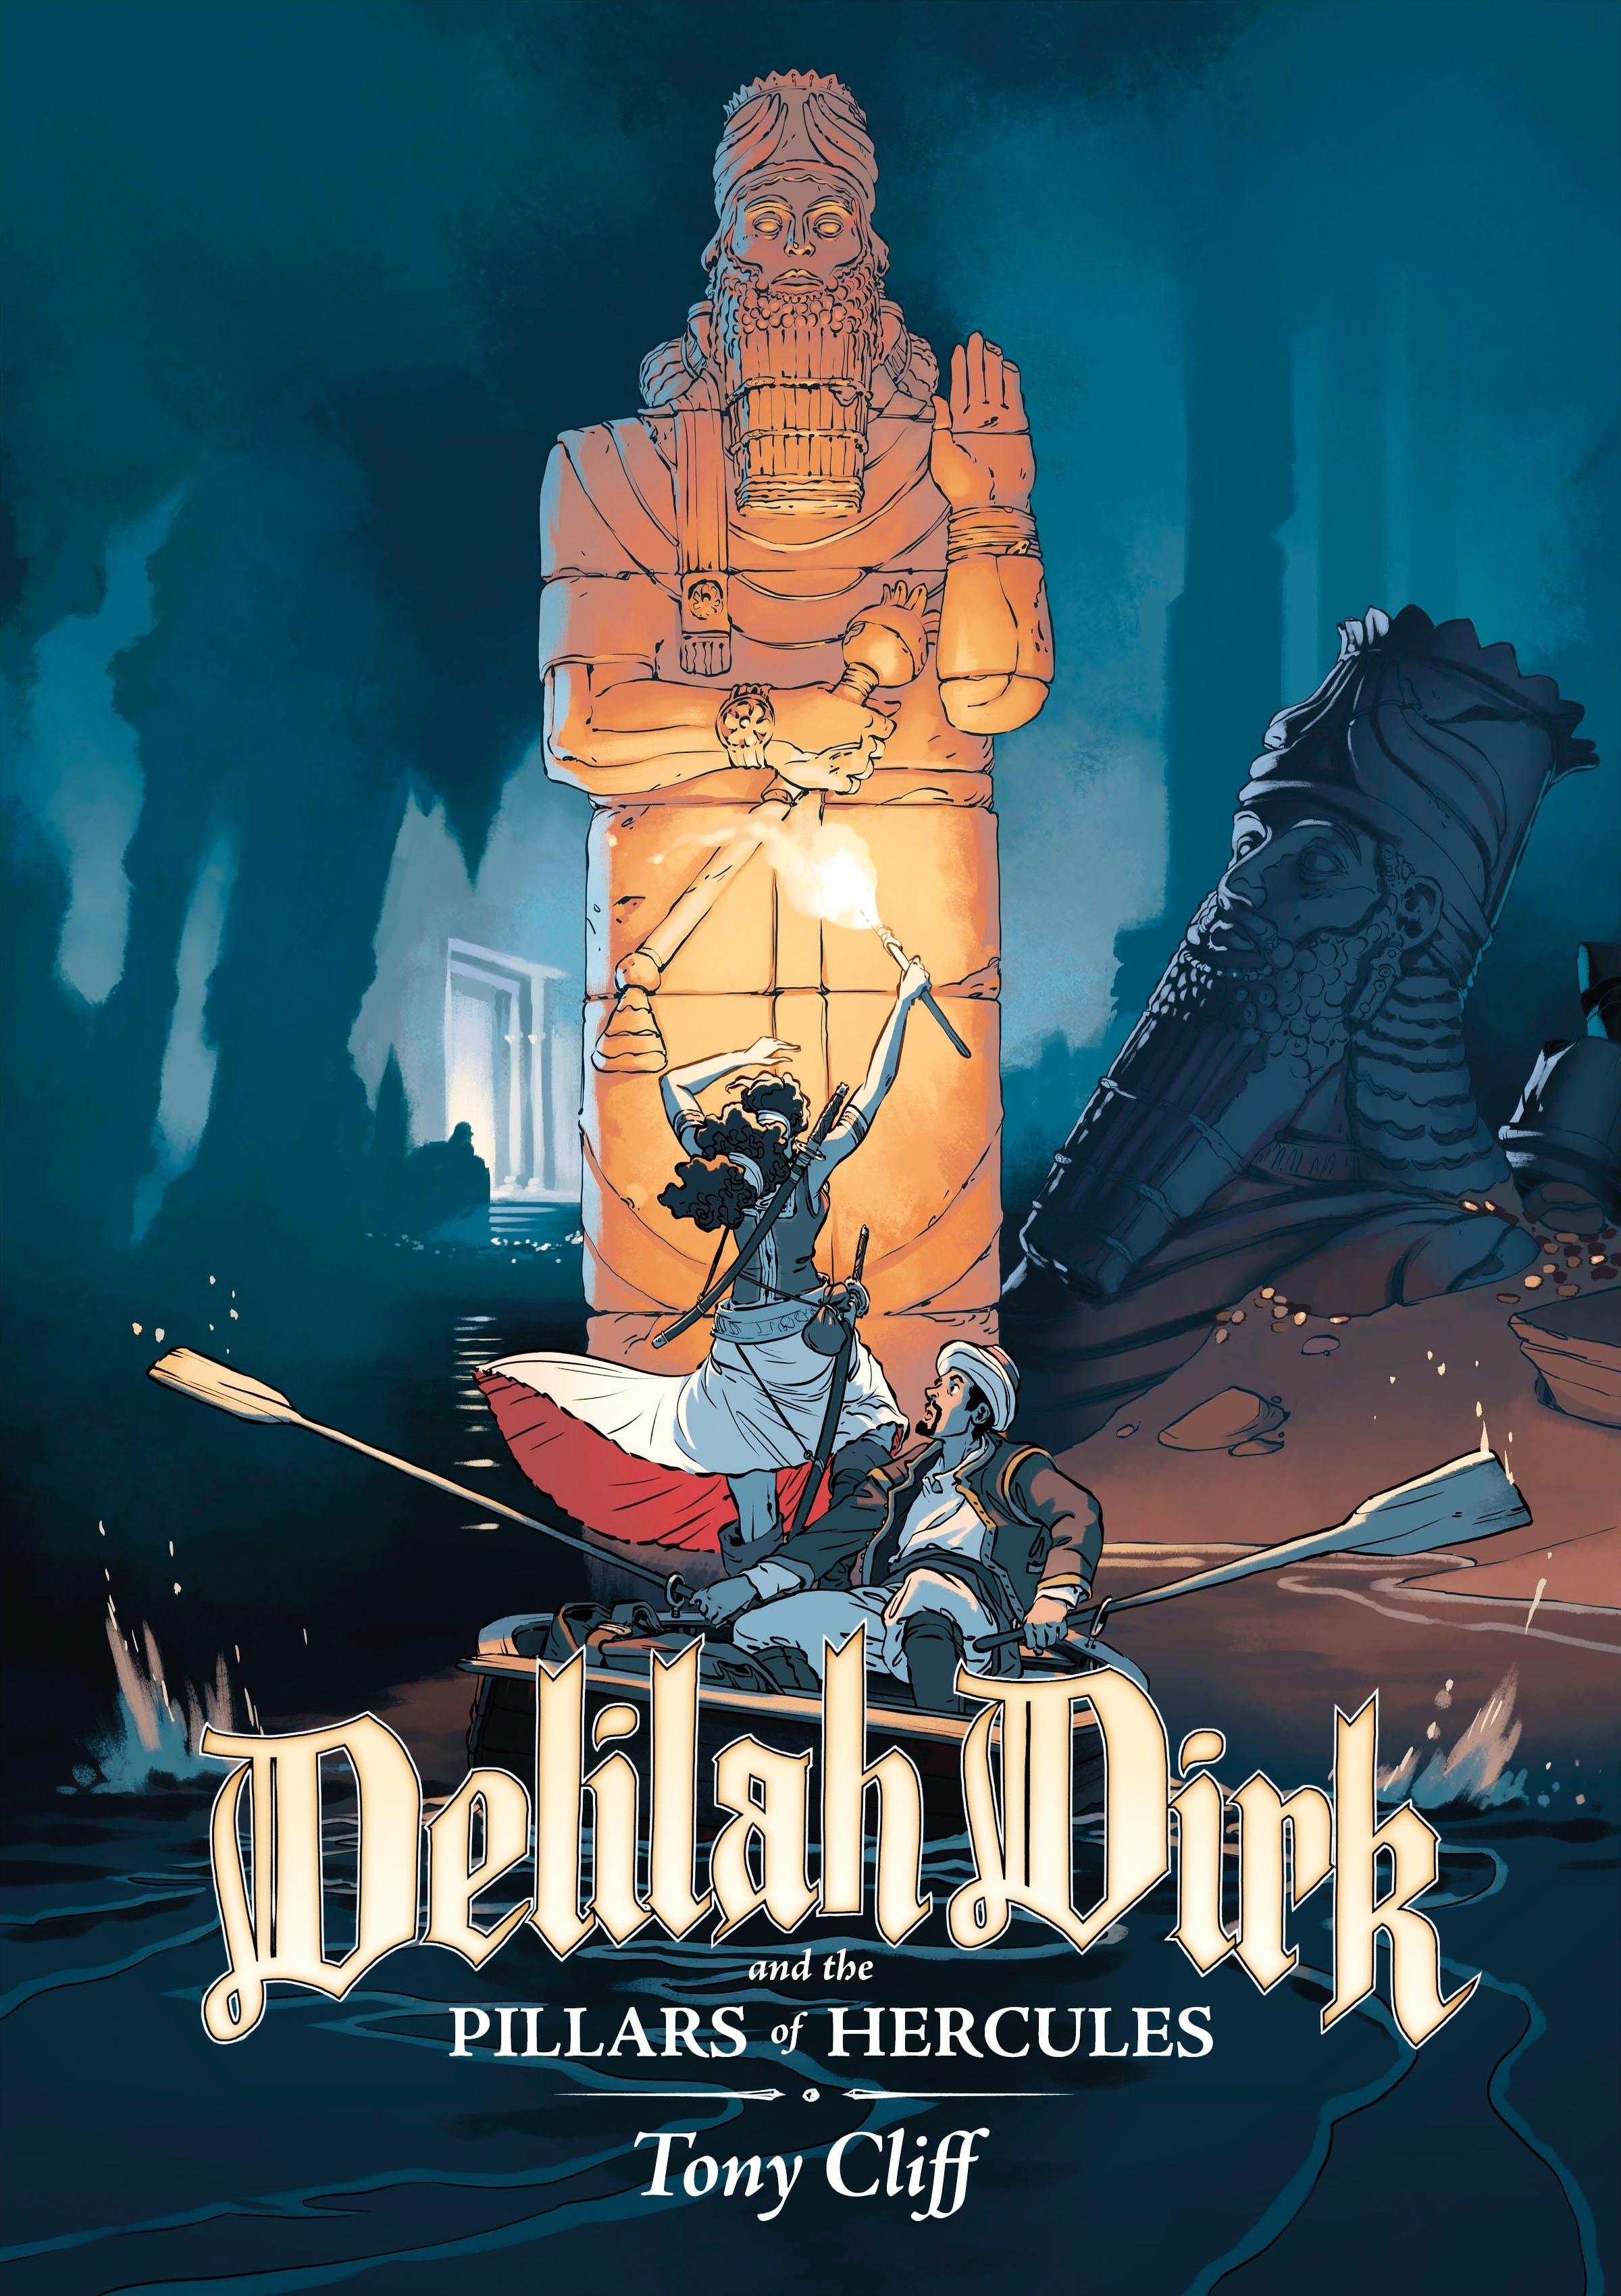 Image of Delilah Dirk and the Pillars of Hercules